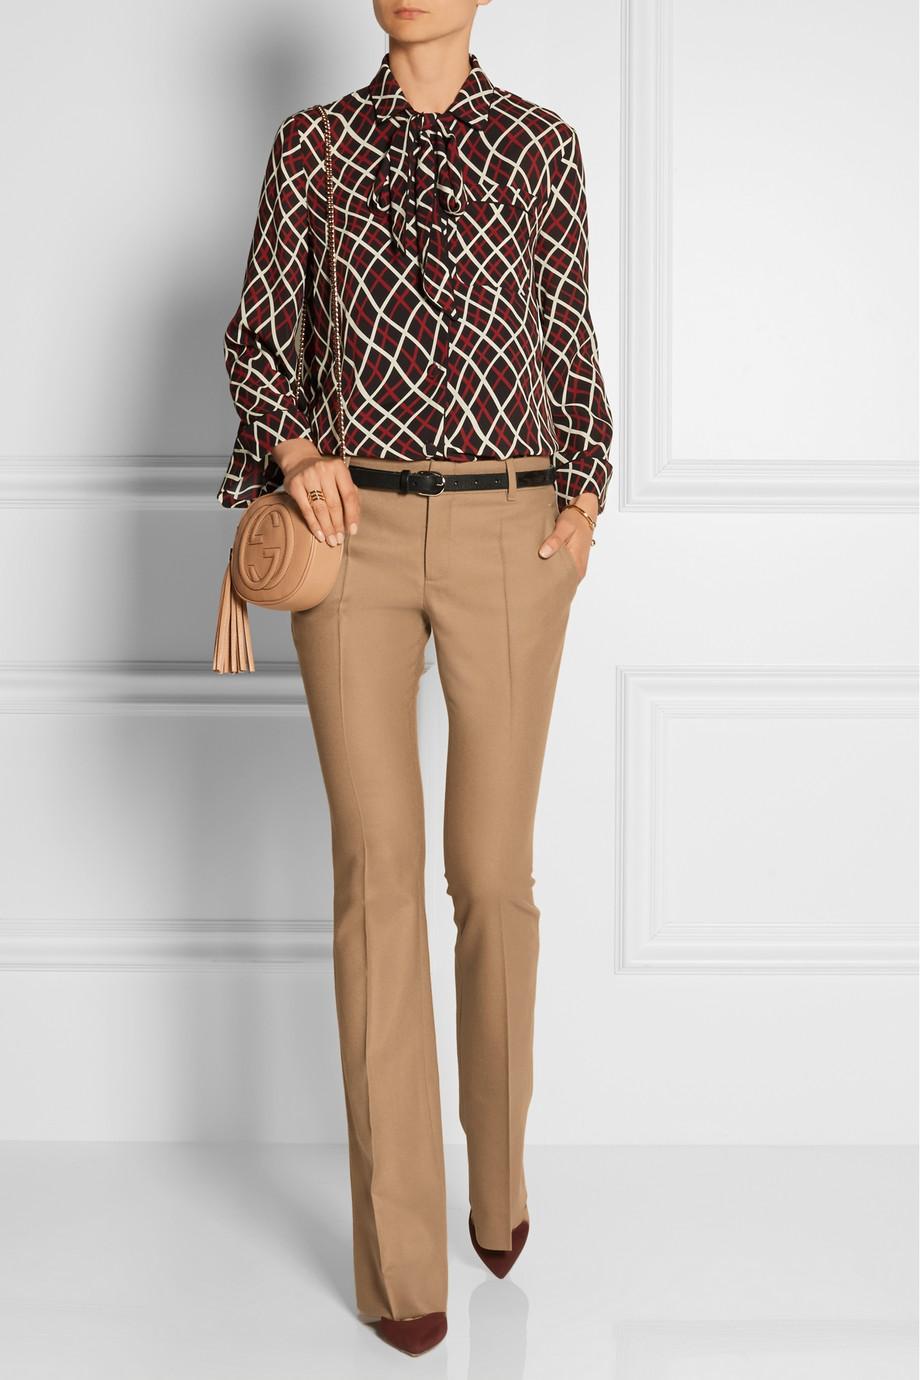 Cómo combinar un pantalon beige